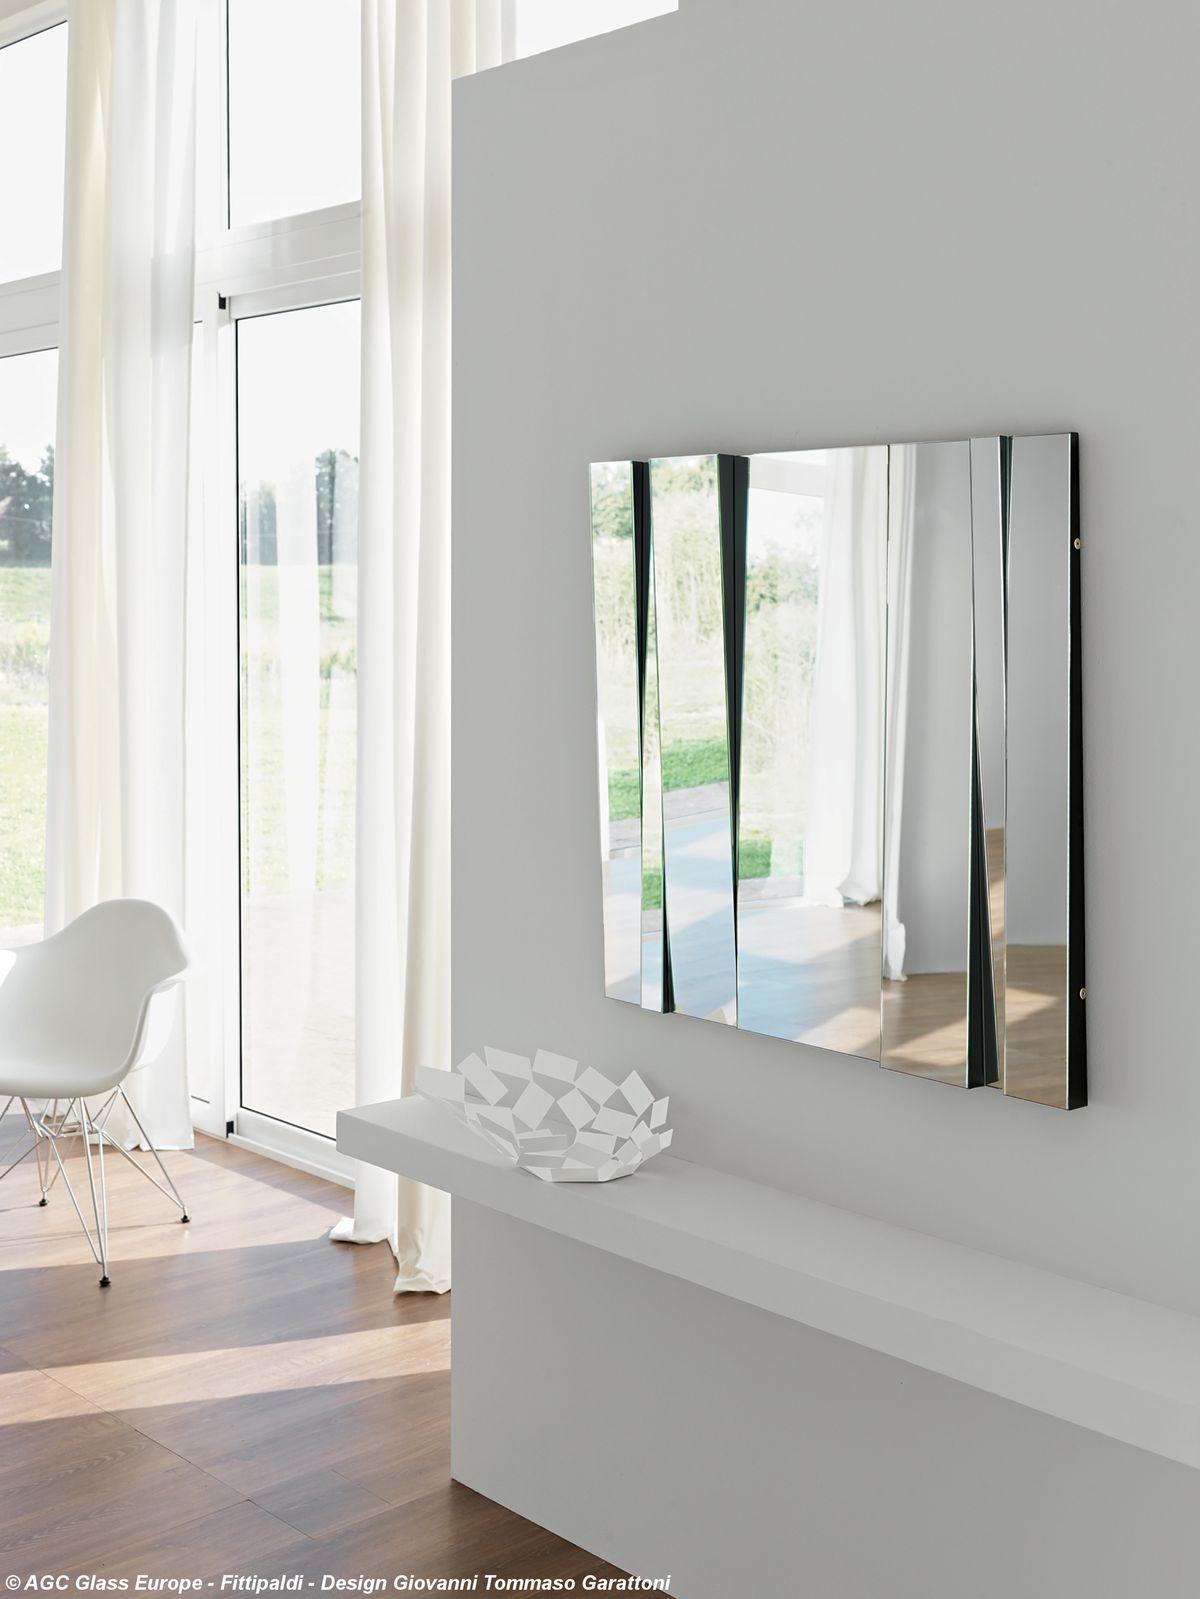 Spiegel FITTIPALDI, Design Giovanni Tommaso Garattoni